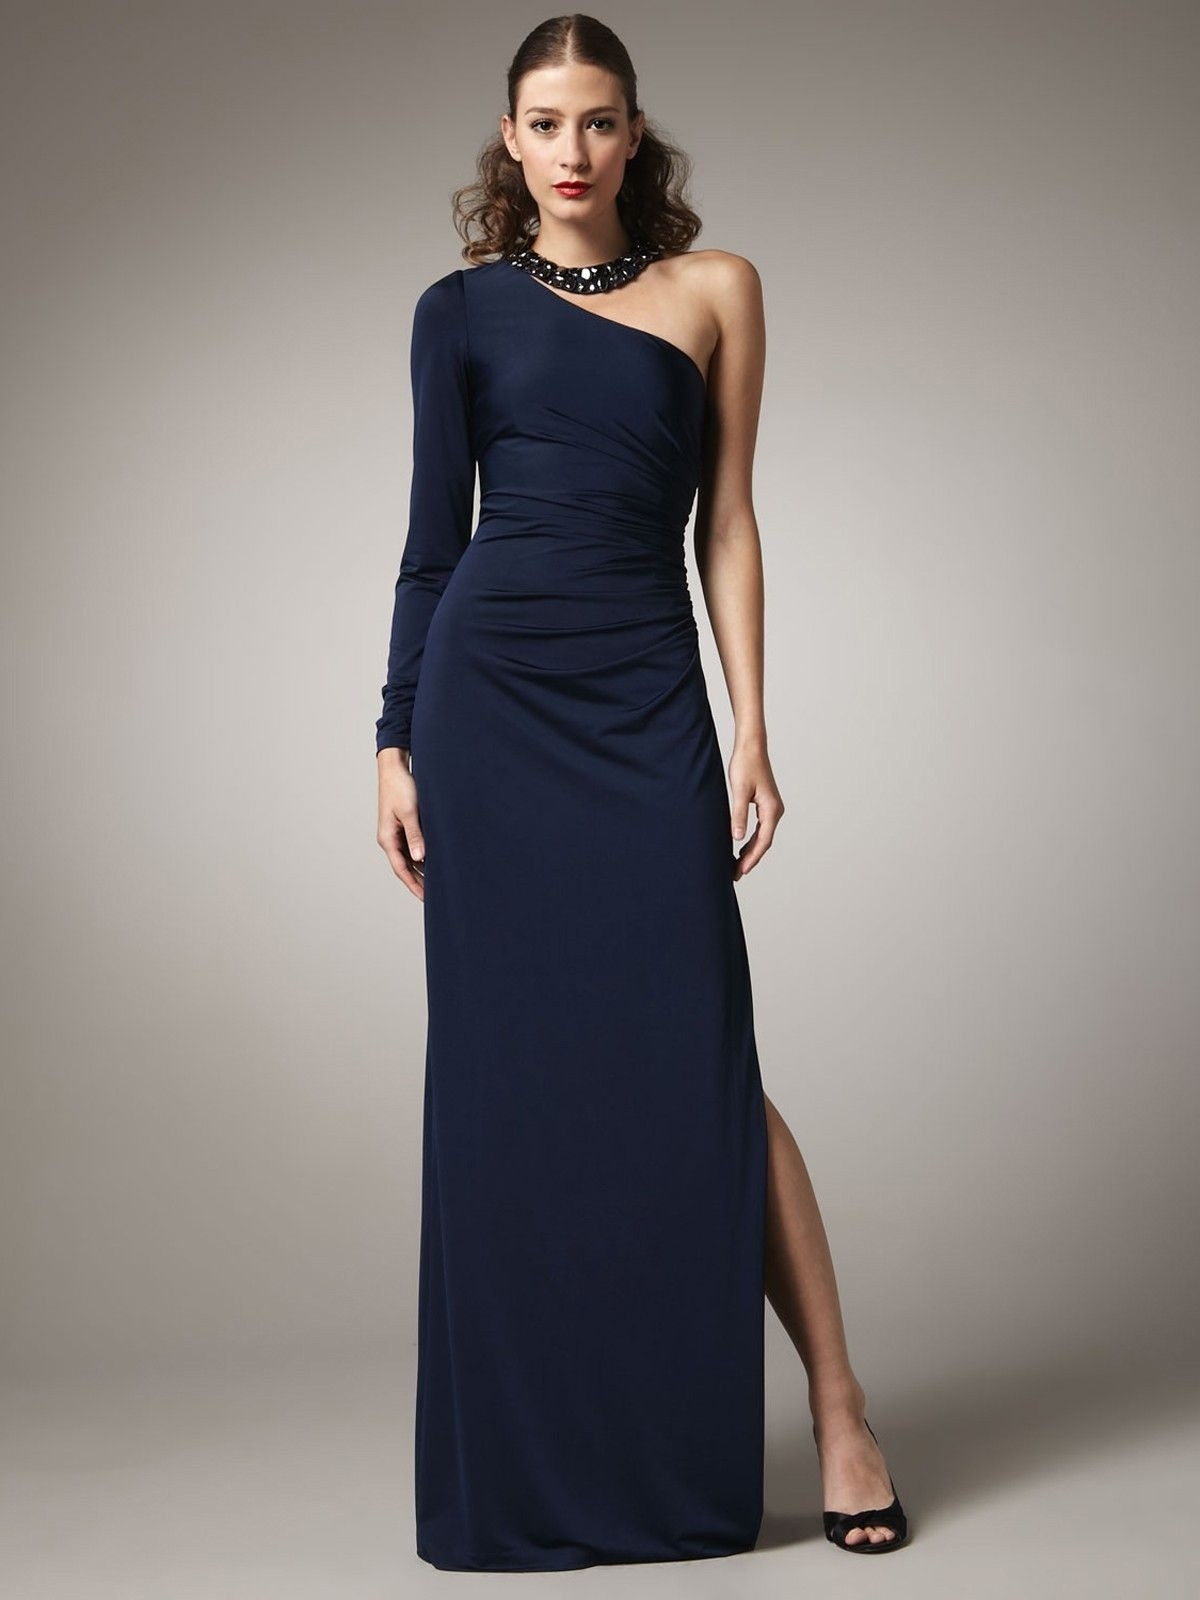 15 Fantastisch Abendkleider Lang Mit Träger VertriebFormal Luxus Abendkleider Lang Mit Träger Boutique